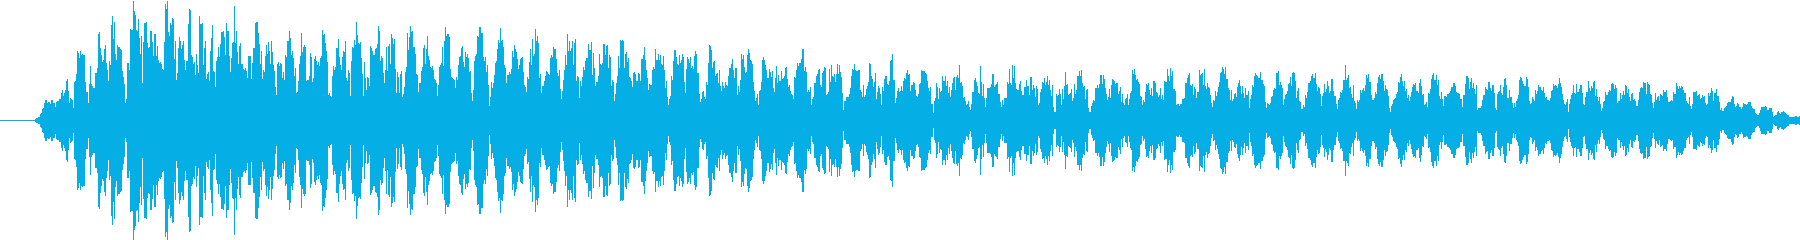 短めのノイジーな演出する音です。の再生済みの波形